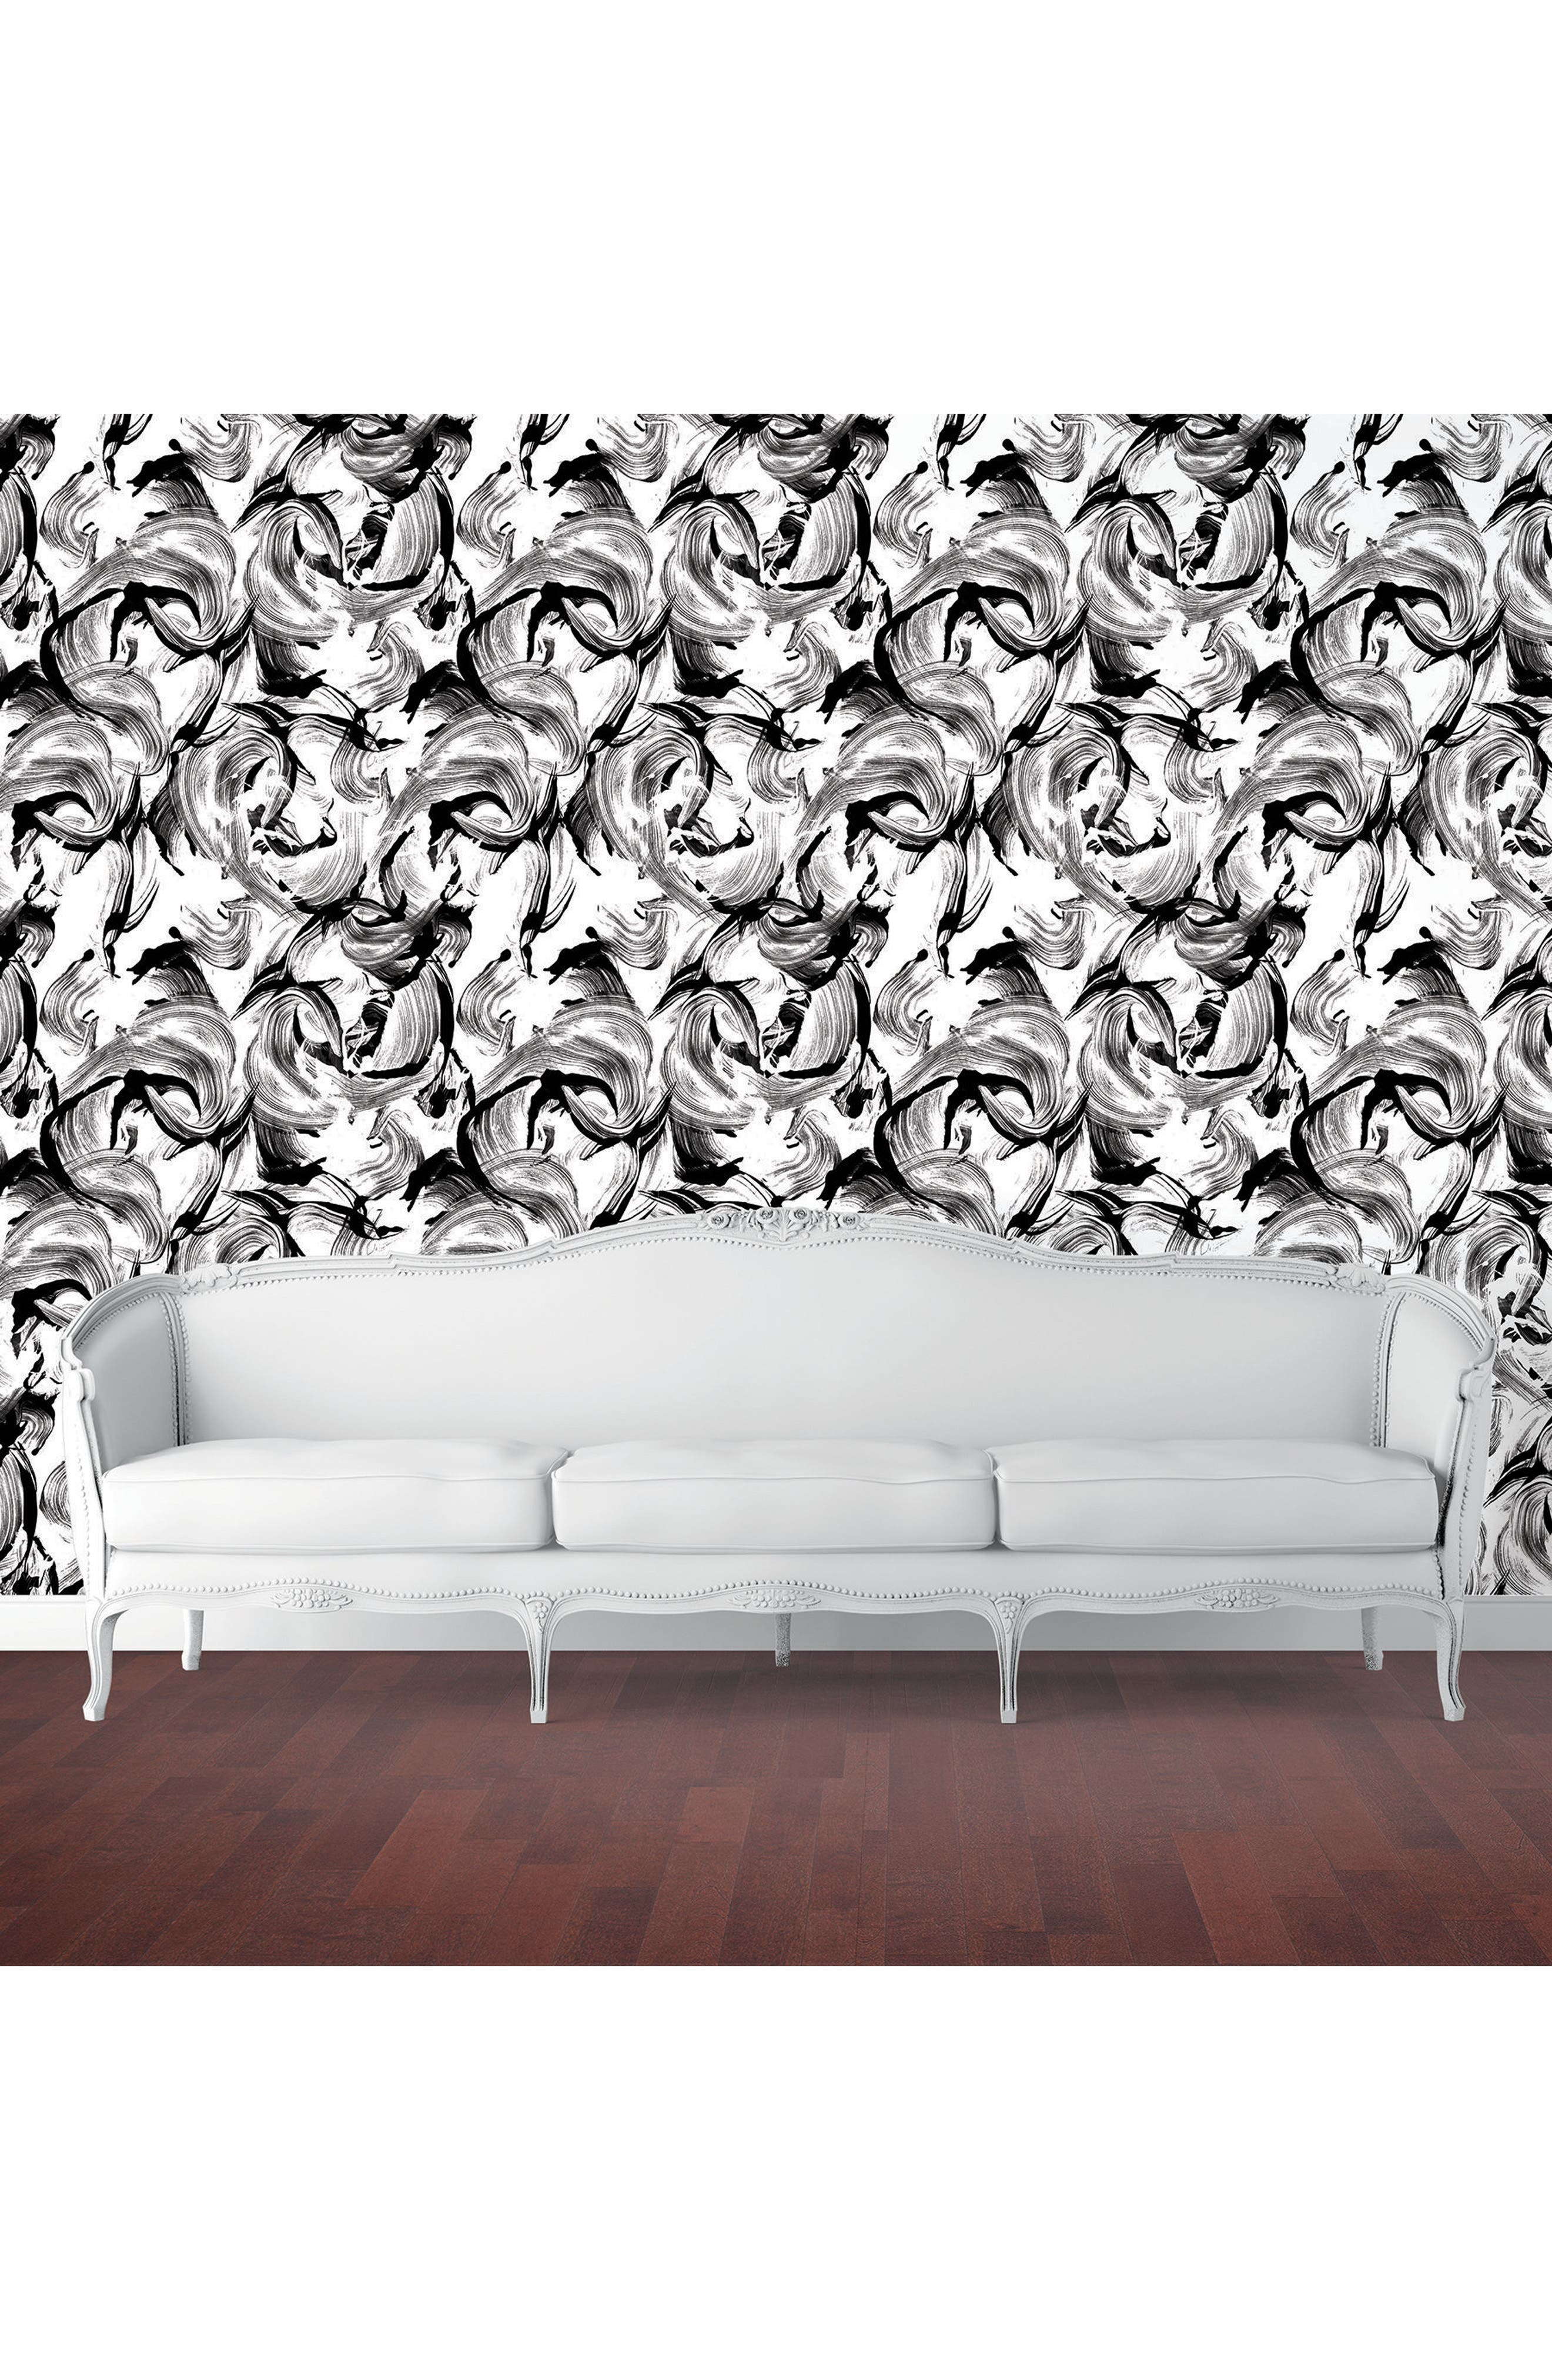 L'Amour Self-Adhesive Vinyl Wallpaper,                             Alternate thumbnail 2, color,                             White/ Black